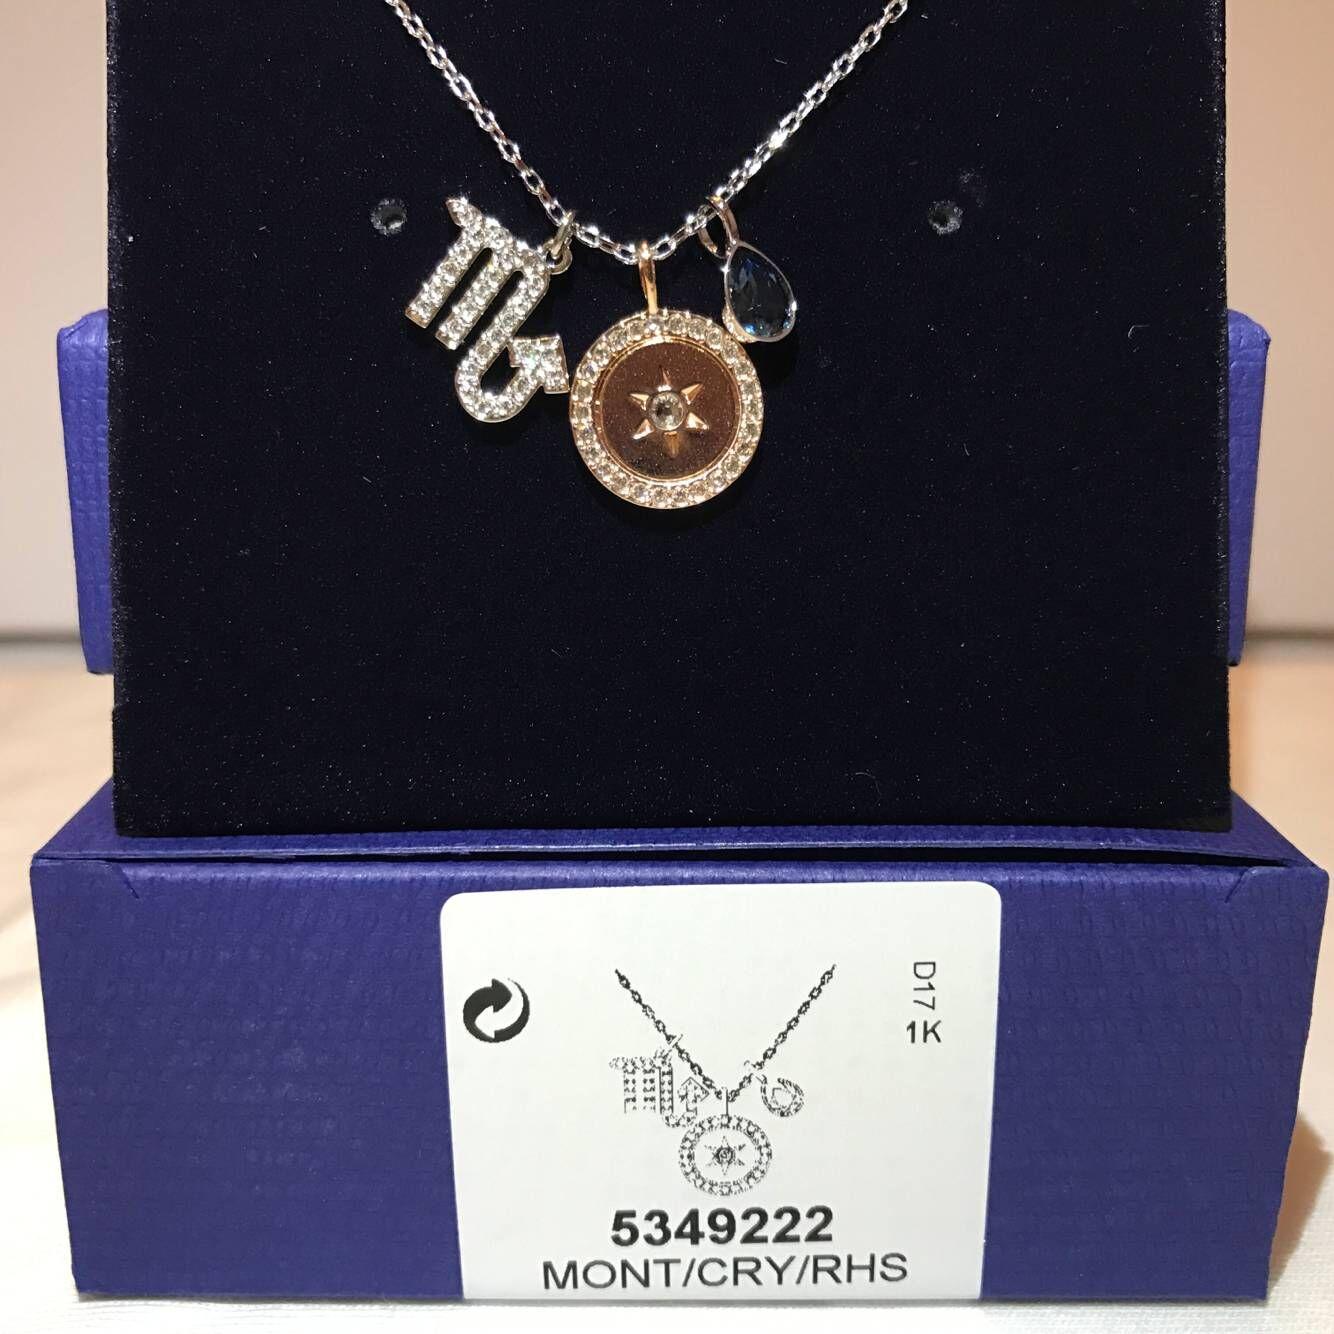 Сейчас в надичии сваровски двенадцать созвездий ожерелье может сочетание спокойный разборка кристалл ожерелье 5349222 скорпион